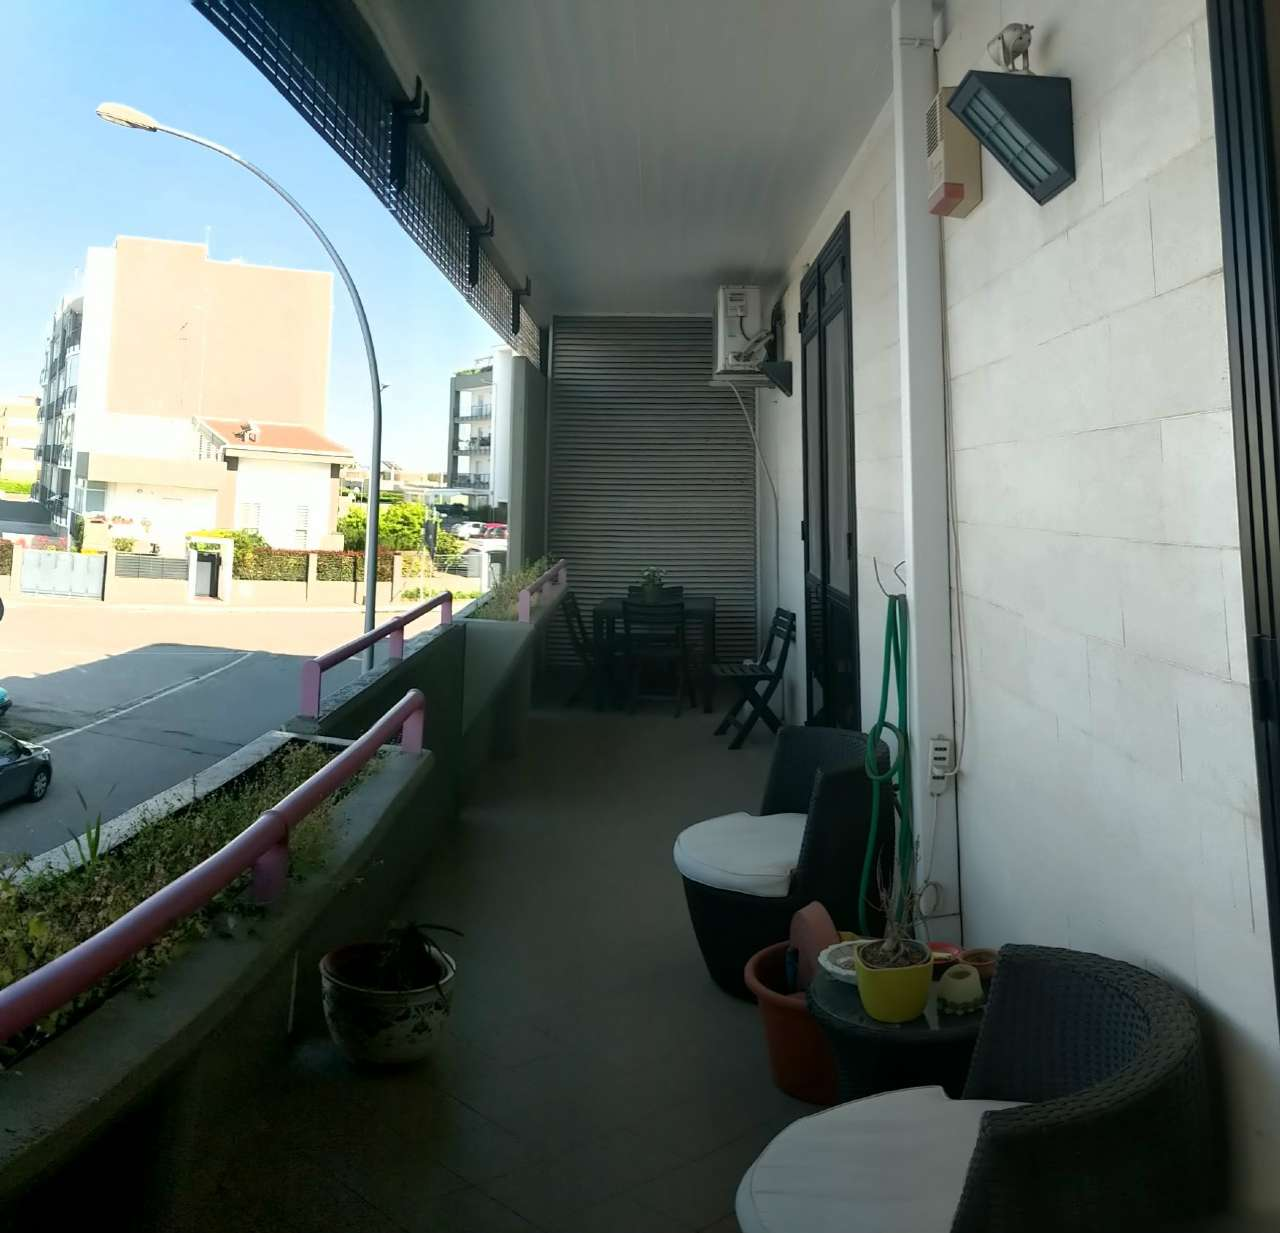 Trilocale ottimamente rifinito, con ampi balconi e posto auto in box condiviso, foto 12